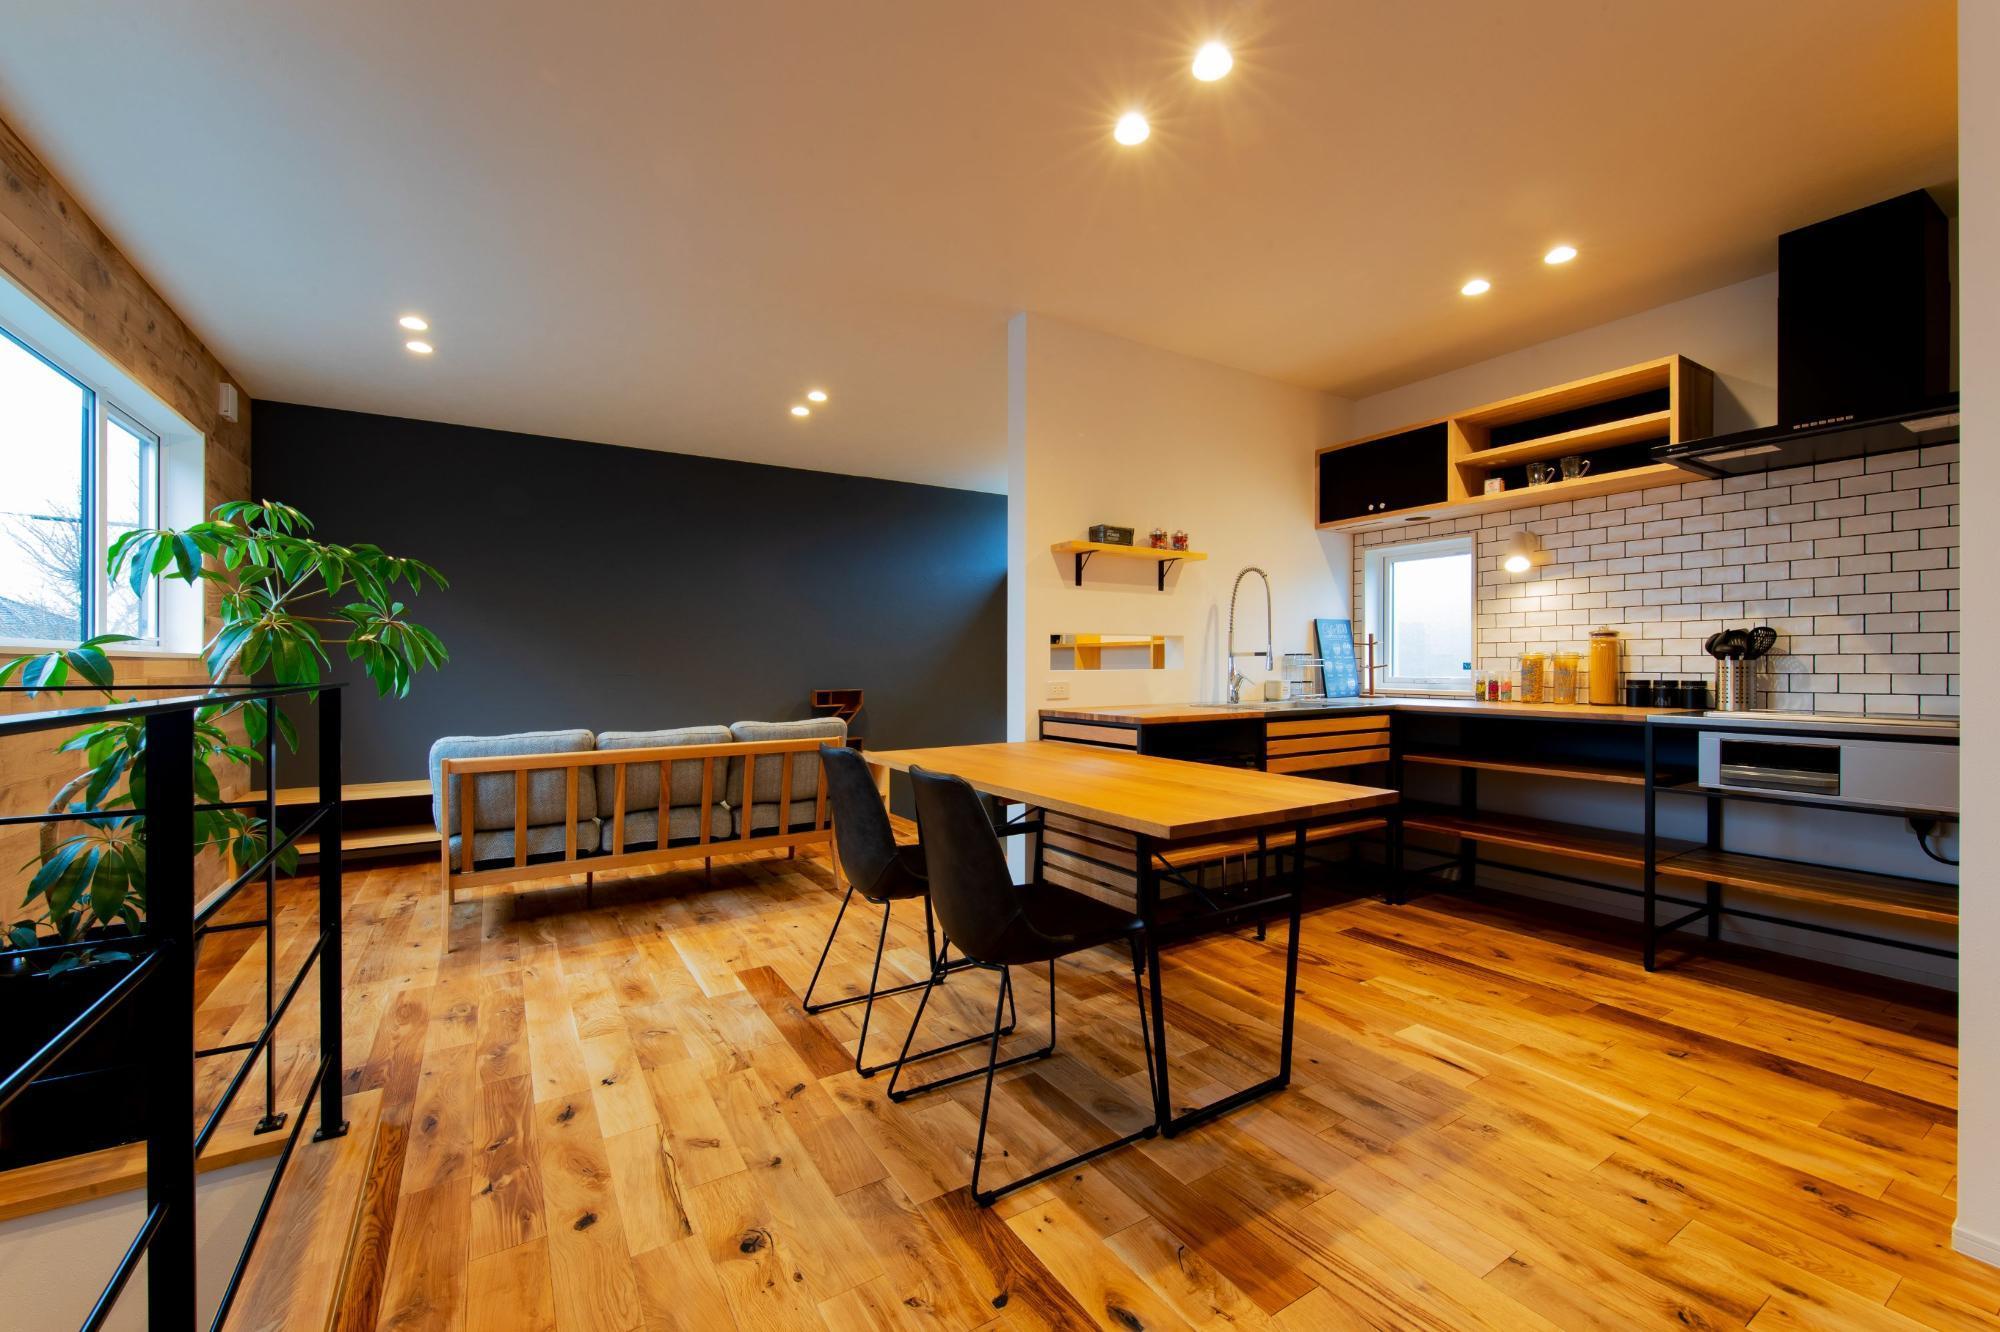 株式会社ゼロスタイル「ユカカベオークなカジュアルモダンなお家」のモダン・シンプル・ナチュラル・自然素材なリビング・ダイニングの実例写真